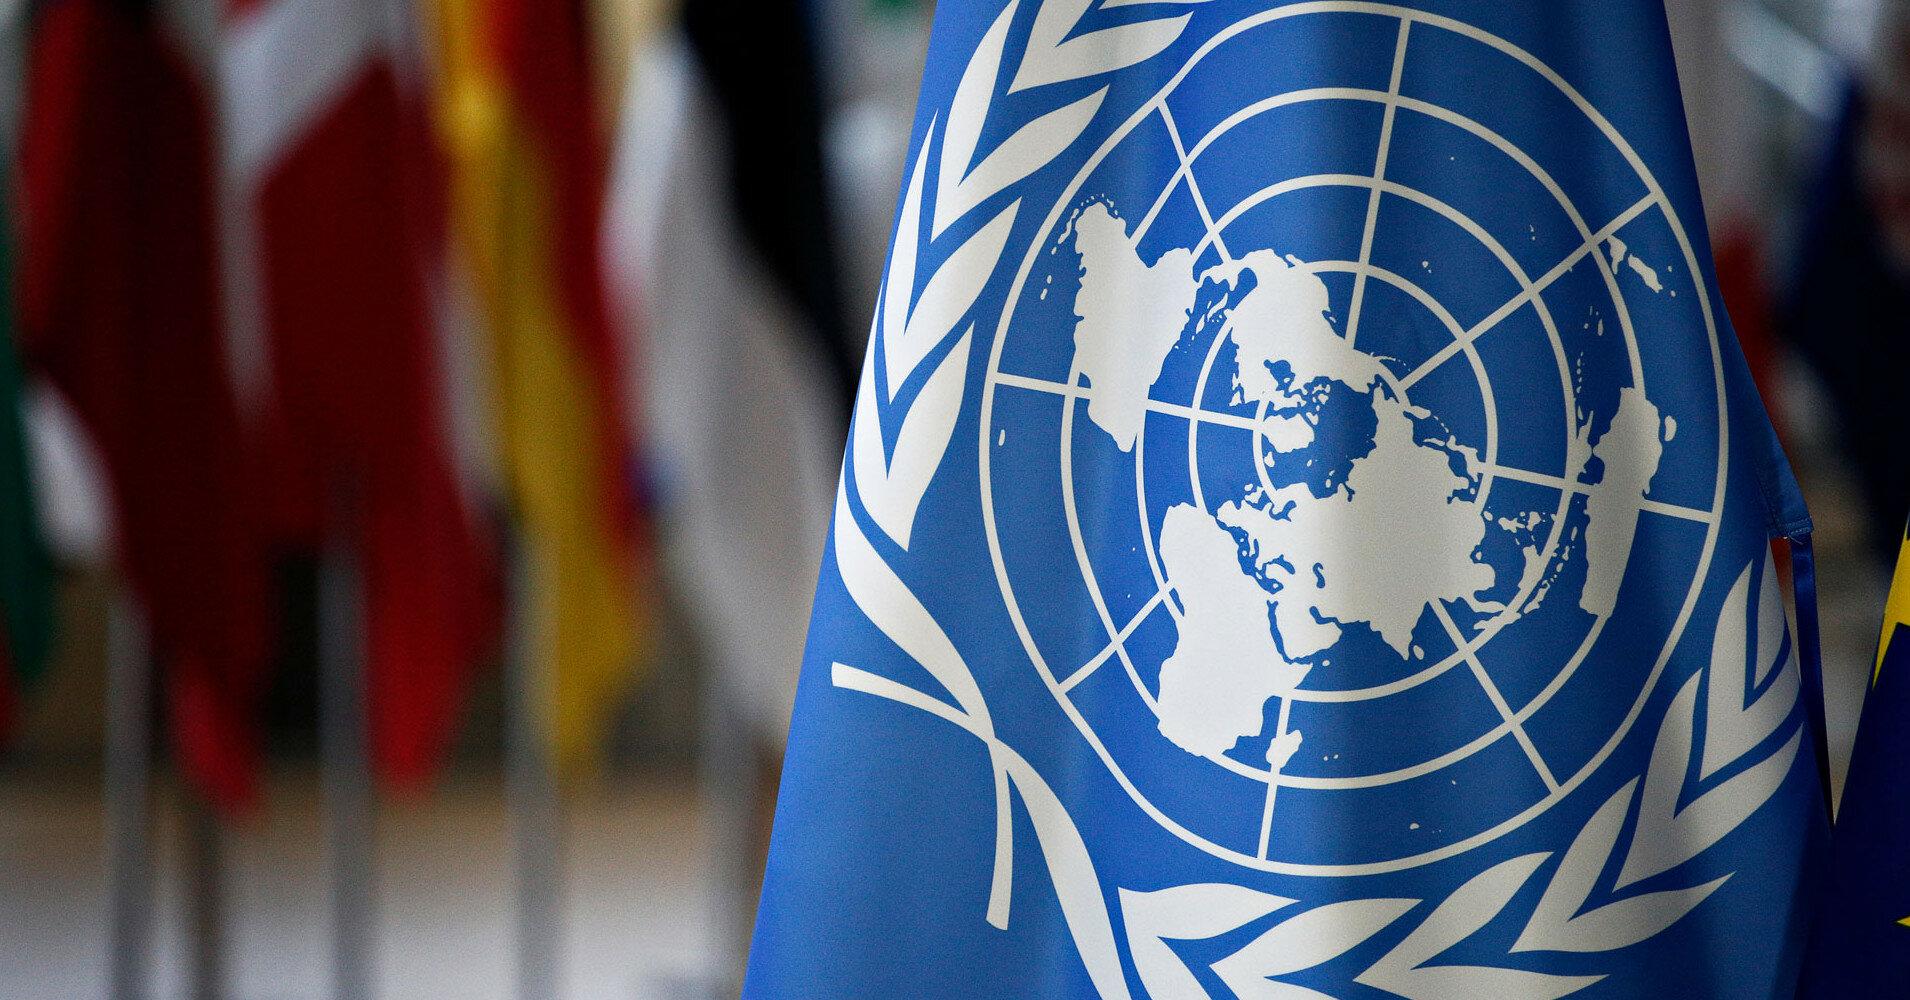 ООН призвала сформировать инклюзивное правительство в Афганистане